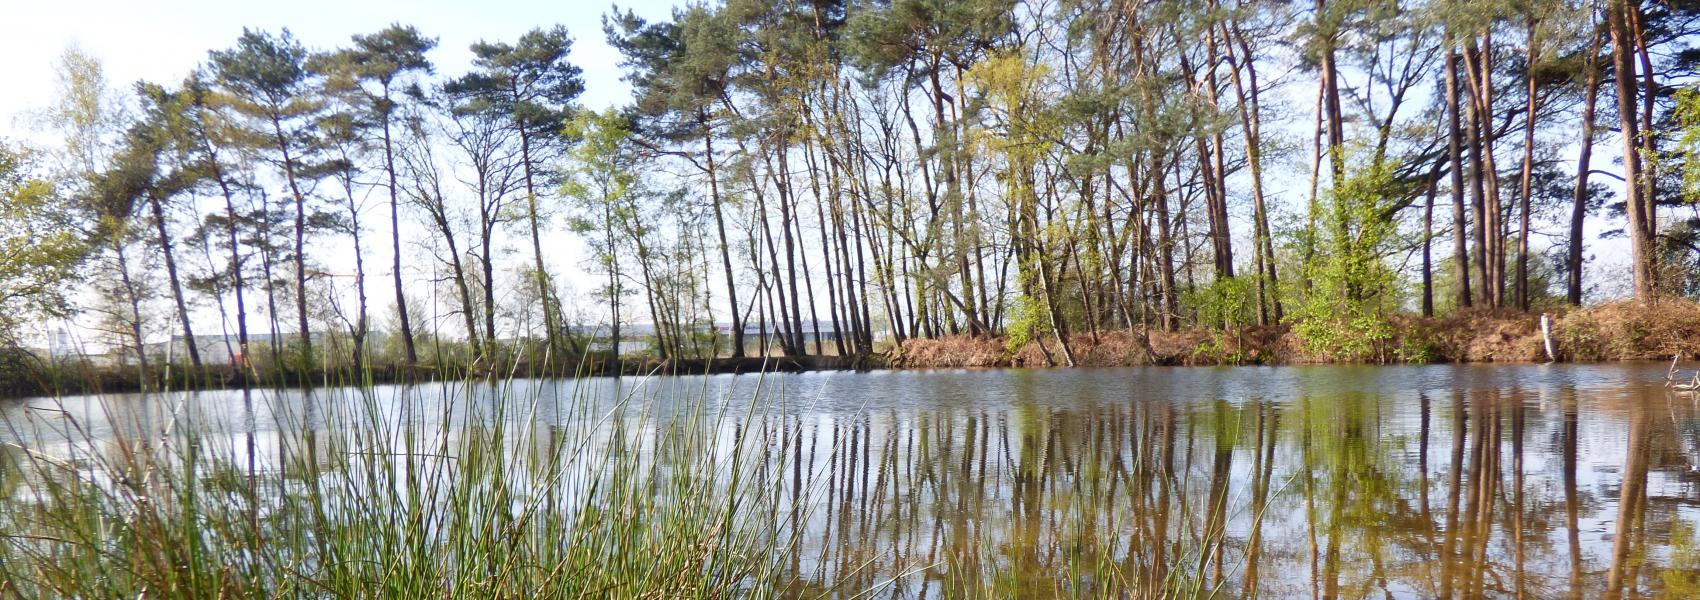 zicht op het water met op de achtergrond bomen